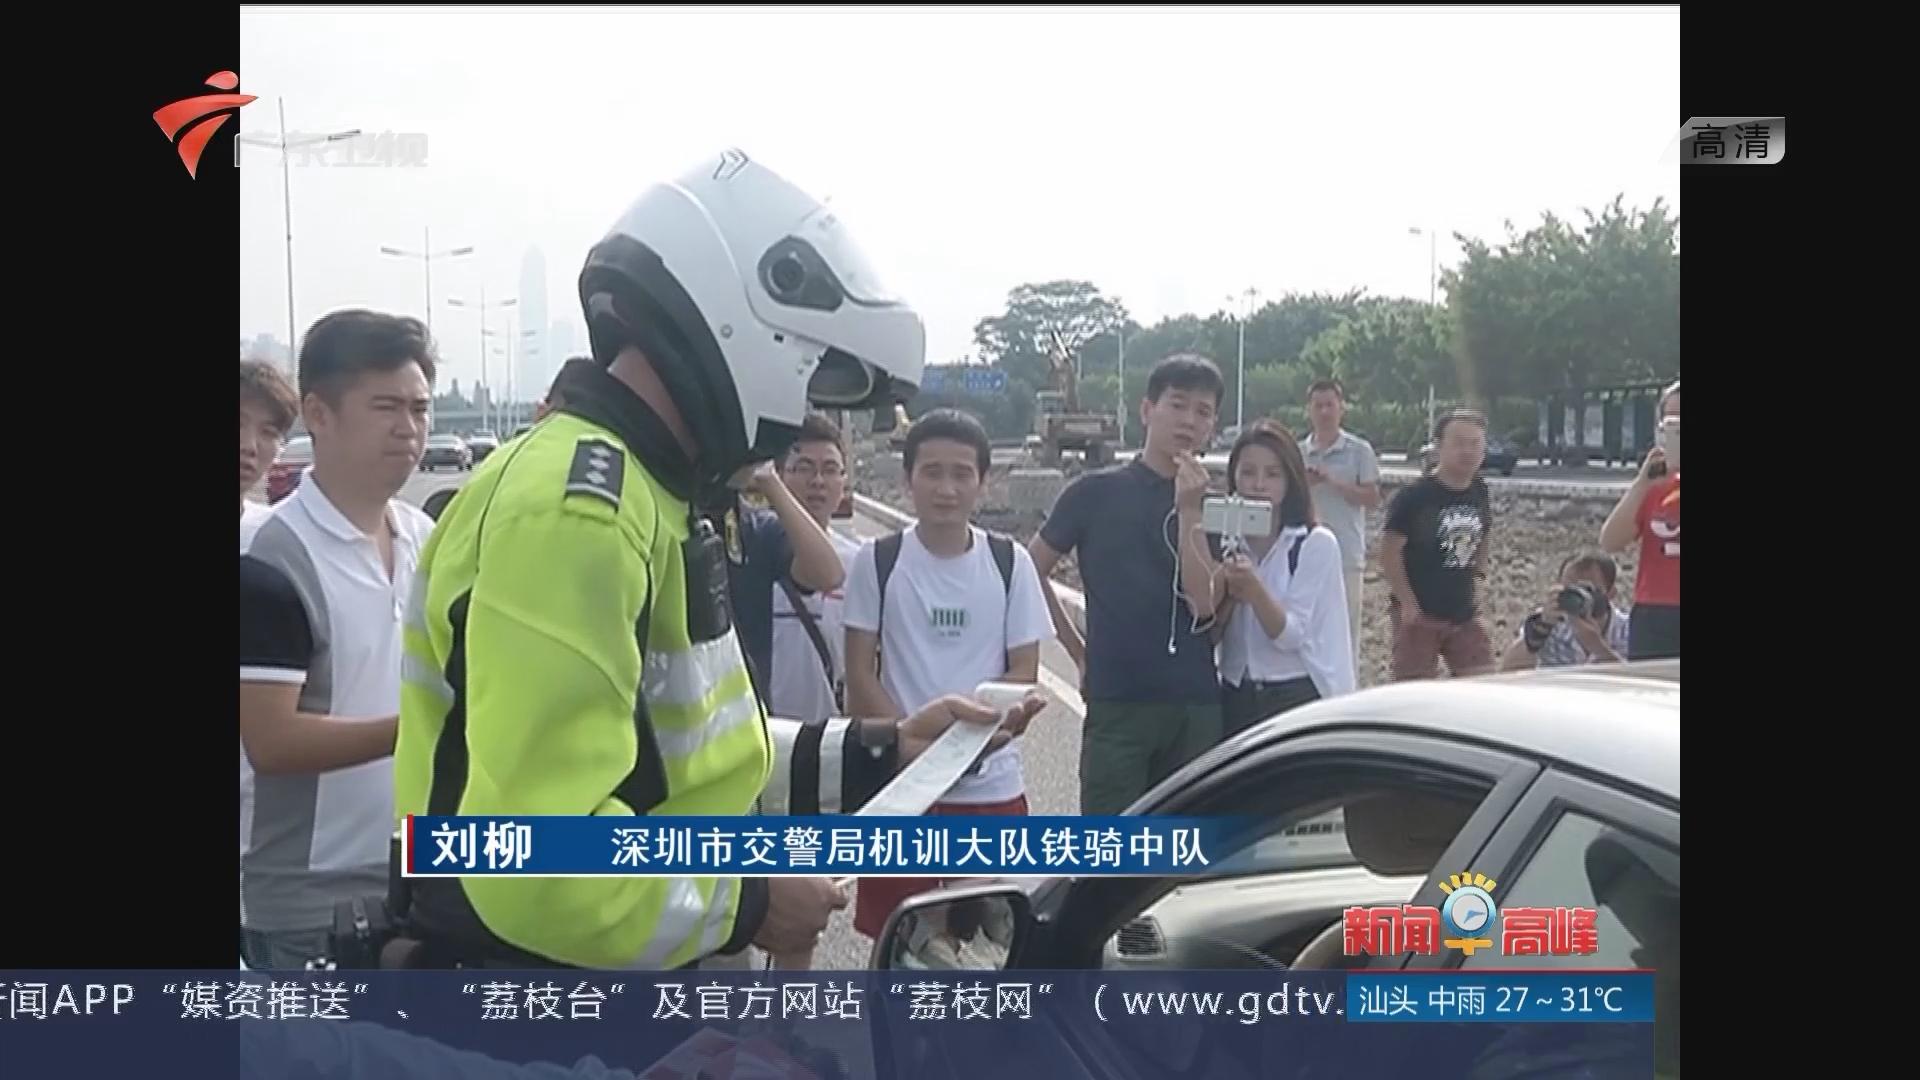 深圳:HOV车道开罚 首罚女司机当场发飙